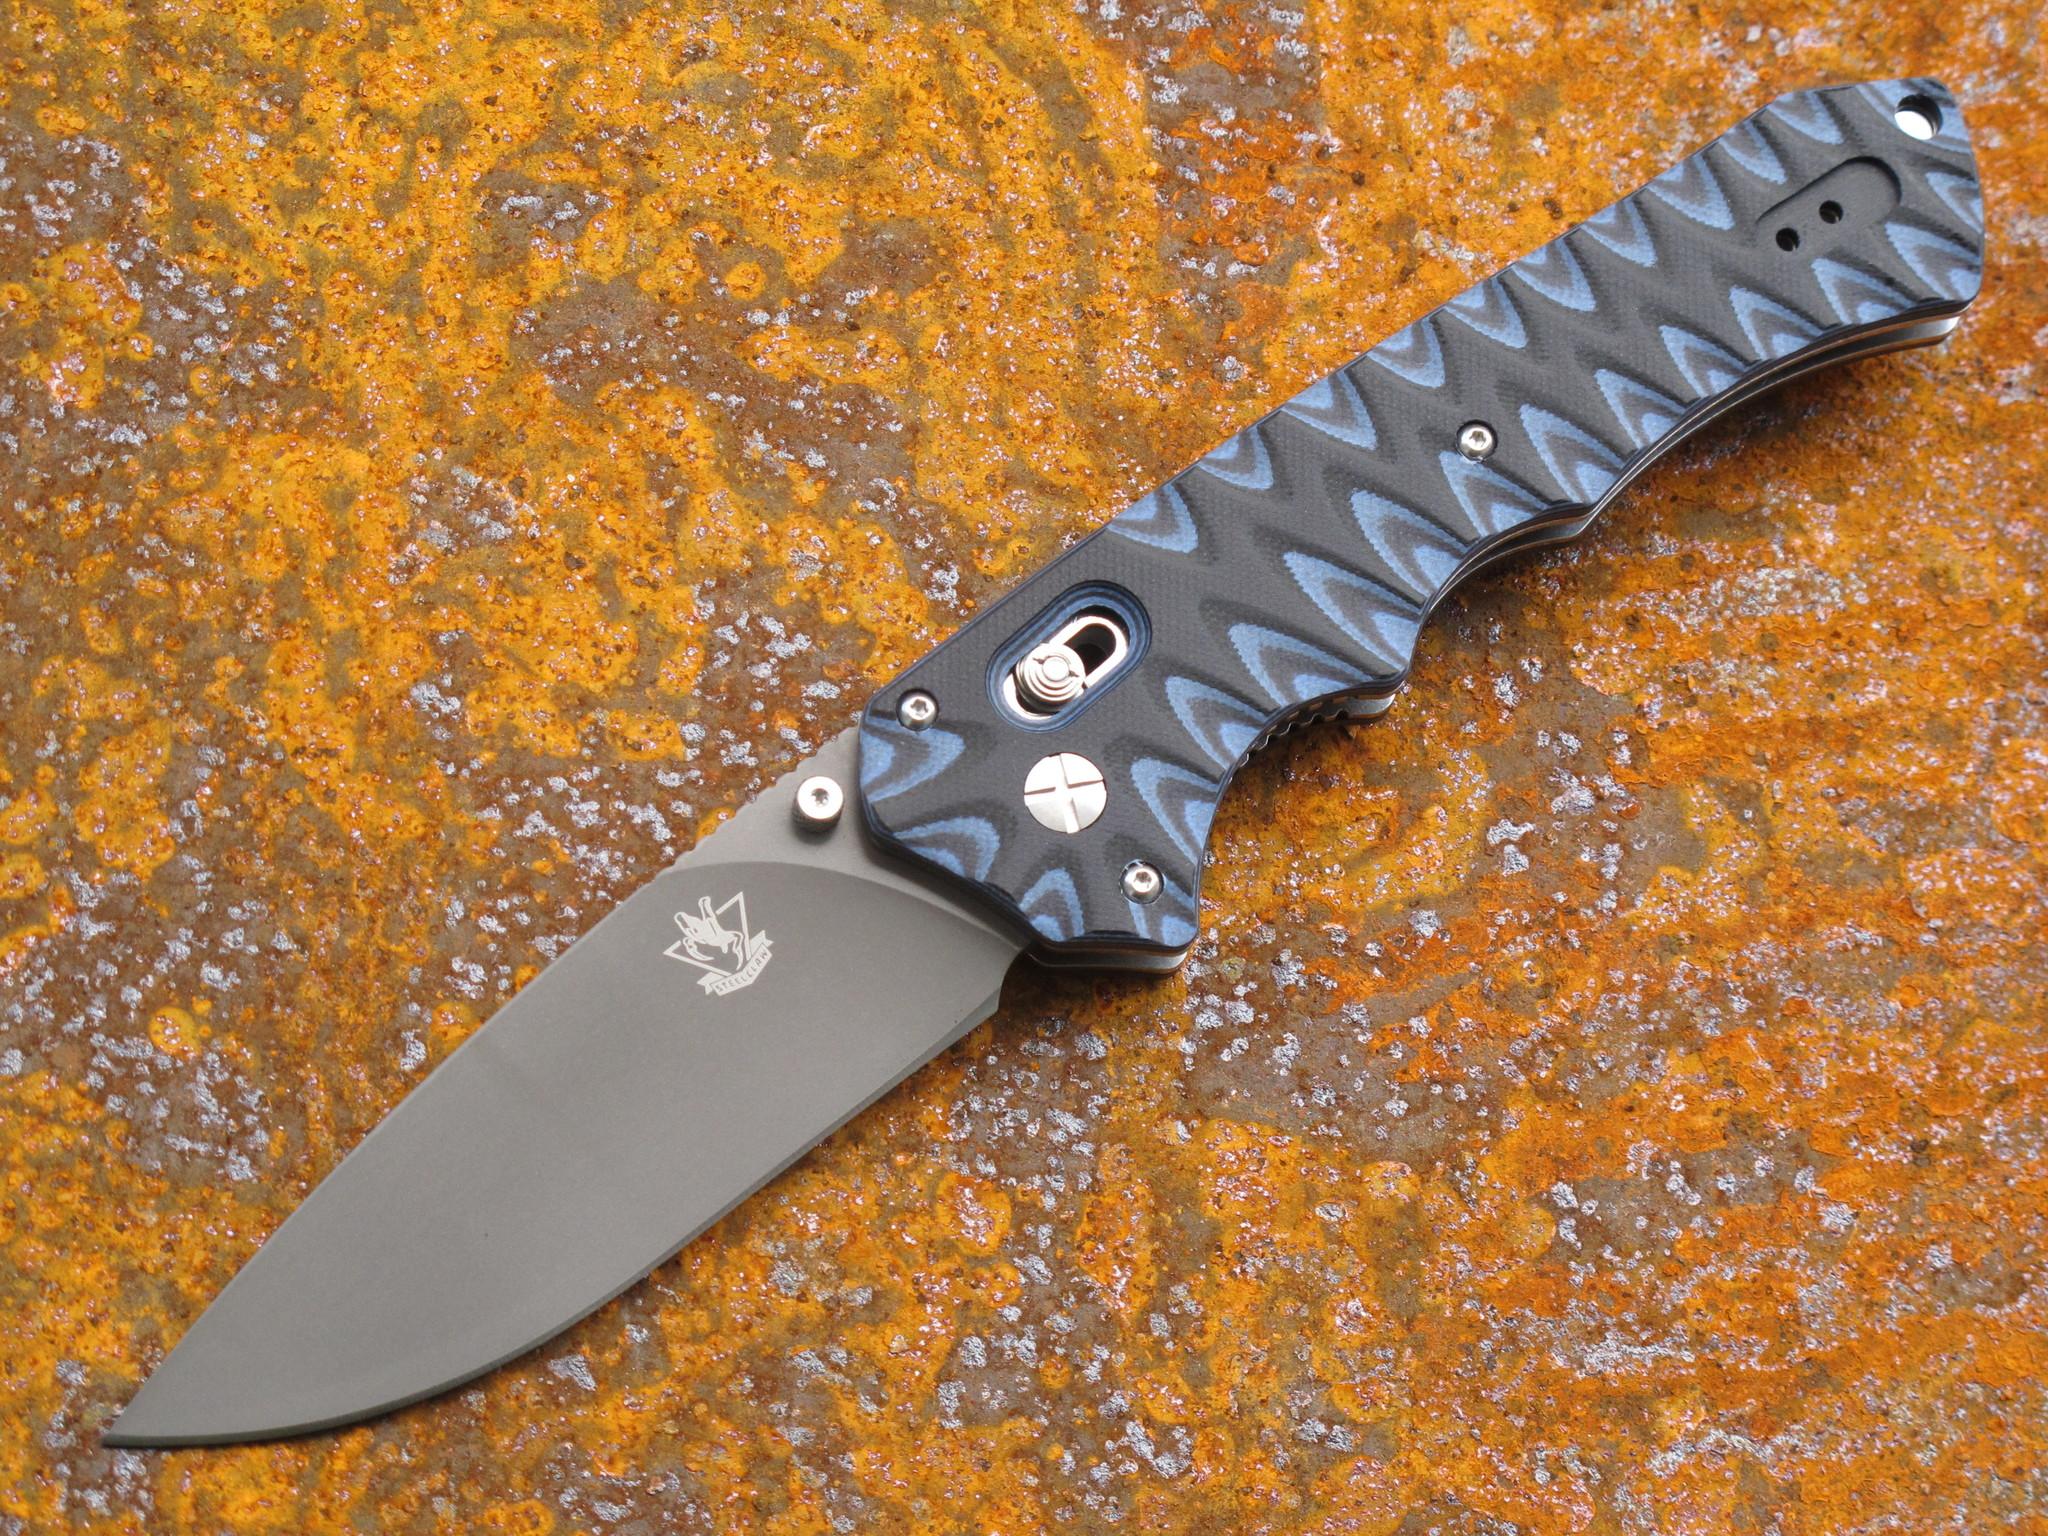 Складной нож Steelclaw ПрестижПрактичная и удобная модель, которая разработана для использования в качестве EDC-ножа. Здесь много удобных и продуманных деталей. Благодаря рифленой рукояти, нож удобно удерживается любой рукой. В процессе работы вы получаете приятные тактильные ощущения. Благодаря надежной стальной клипсе, нож удобно носить на поясе или в кармане брюк. Замок «аксис-лок» работает четко, безотказно и надежно фиксирует клинок в раскрытом положении. Геометрия ножа подходит для выполнения большинства задач. Ножом удобно резать и колоть. Высокие спуски обеспечивают максимально острую режущую кромку.<br>марка стали:9Cr18MoVдлина общая: 235мм,длина клинка :100мм, толщина клинка: 4ммматериал рукояти:G10тип замка:Axis lockтвердость:57- 58 HRC